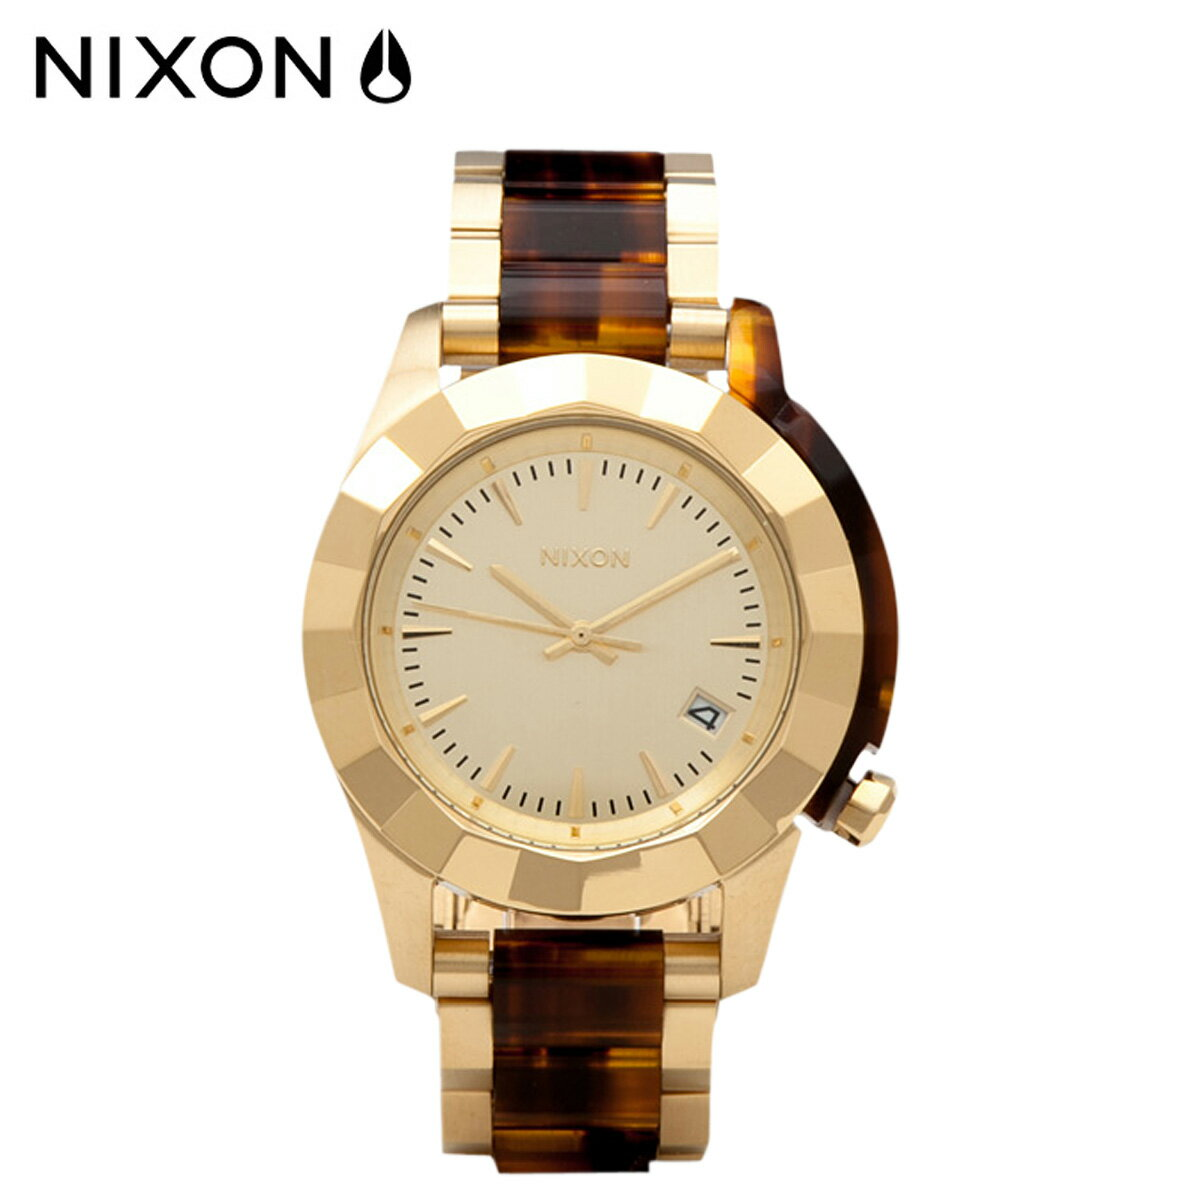 ニクソン メンズ腕時計(アナログ)(ゴールド/金色 …